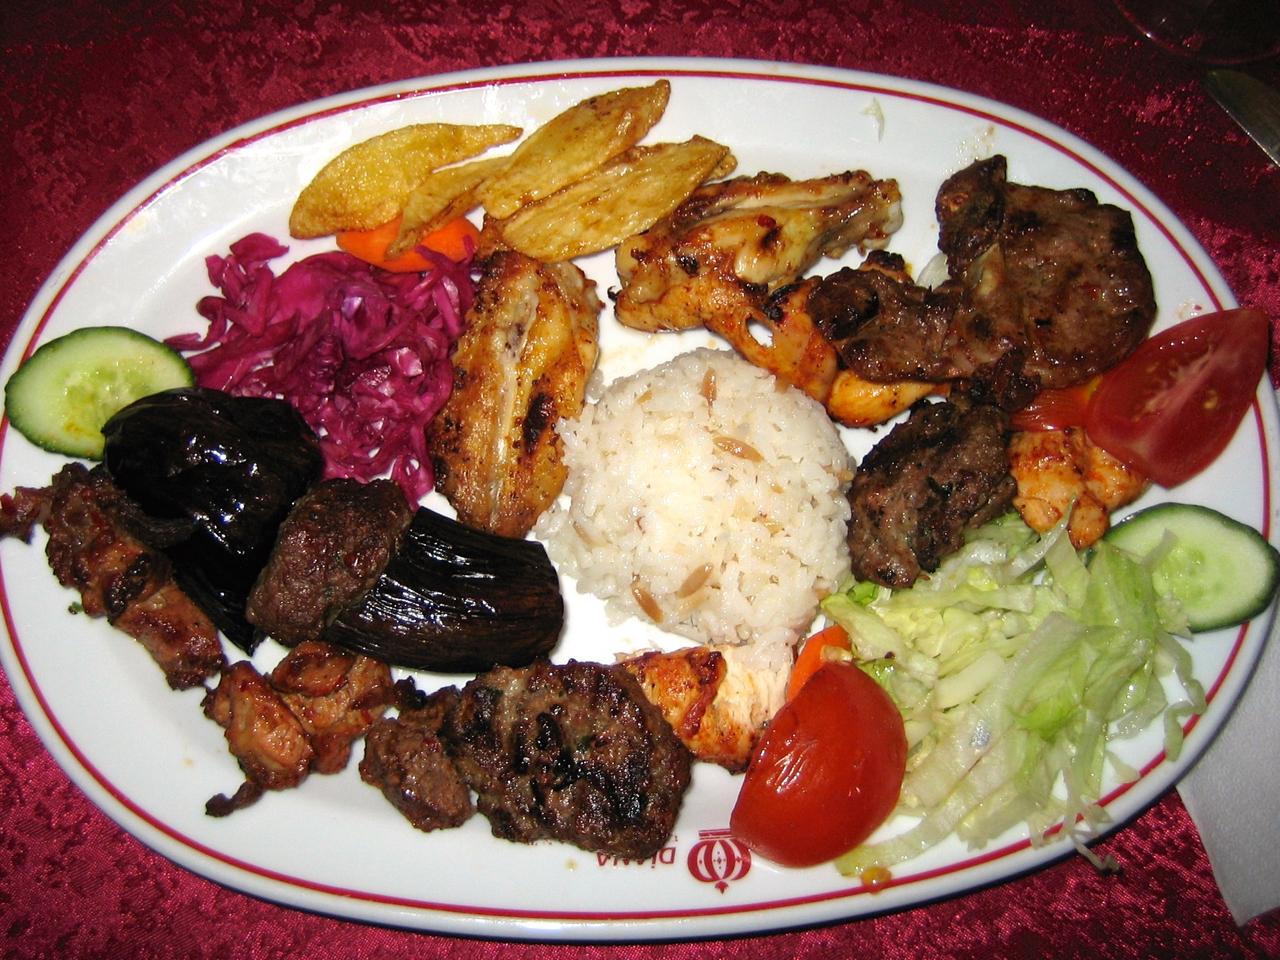 Eine Zusammenstellung  türkischer Spezialitäten mit Frikadellen, Auberginen, Hähnchen, Lamm, Reis und Salaten. Lecker!